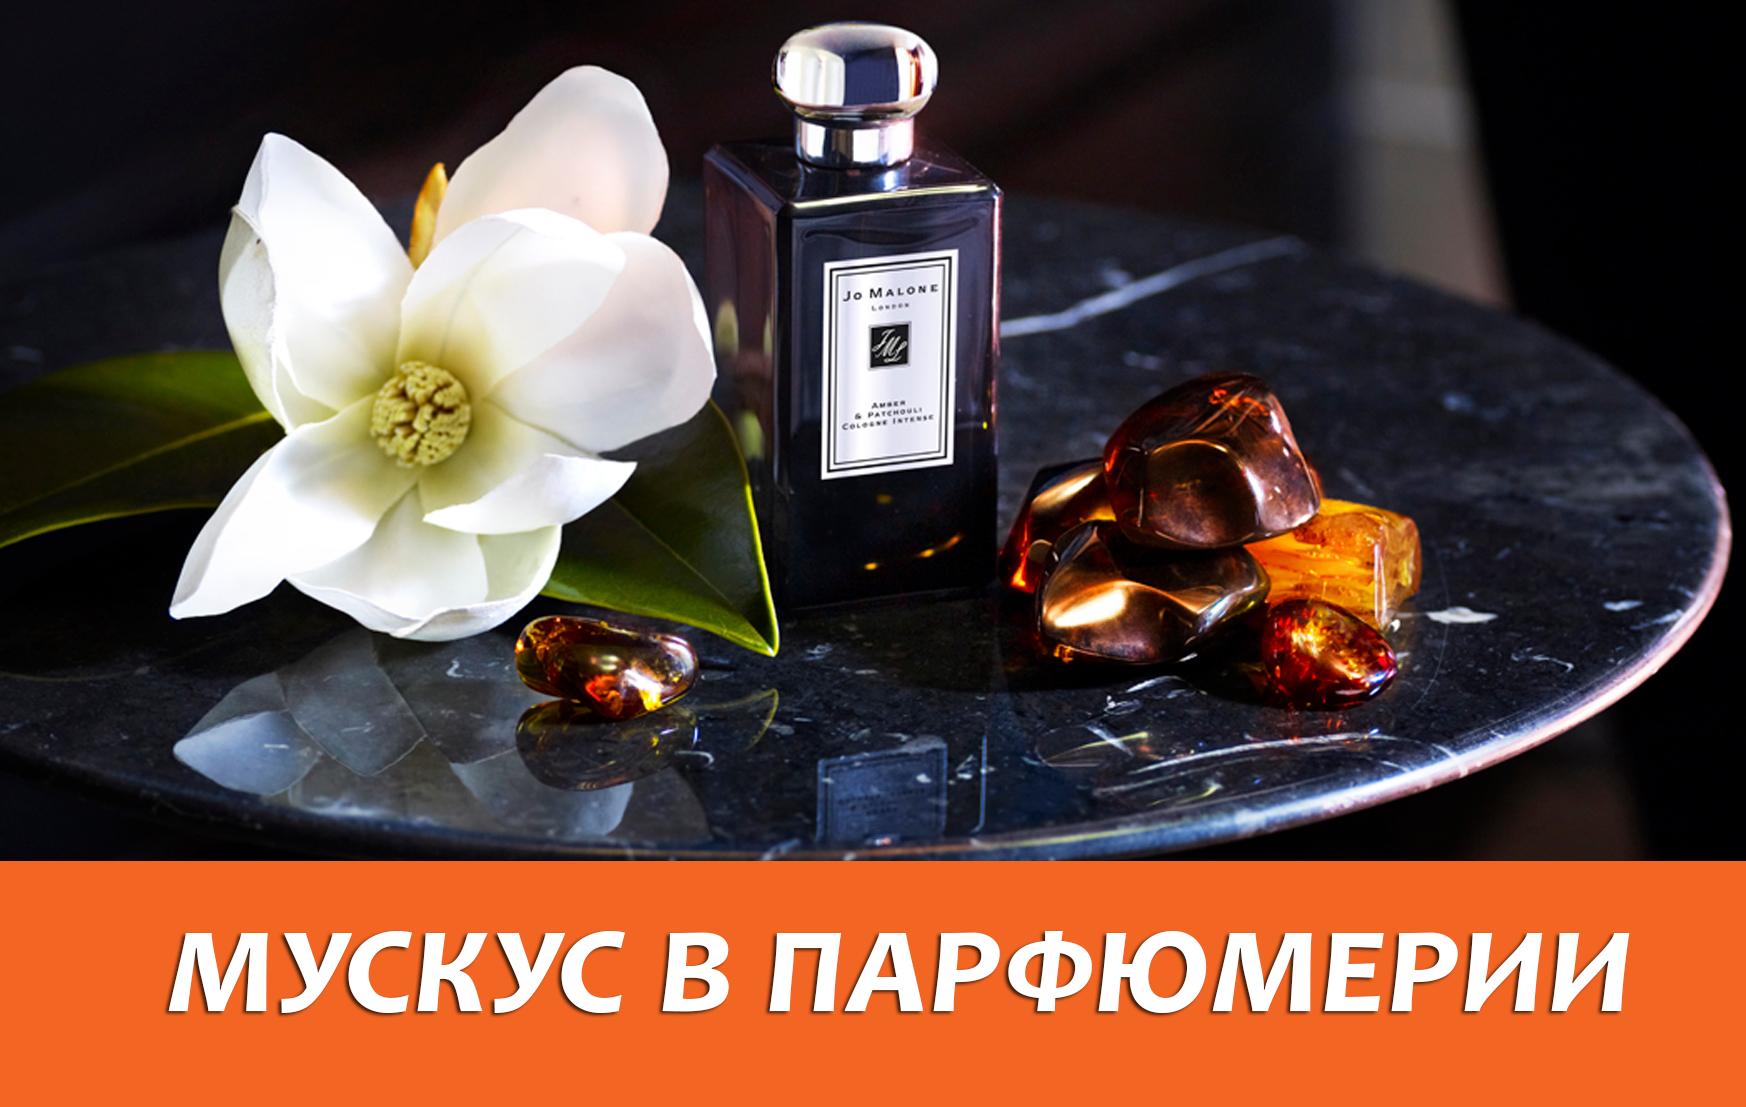 Мускус в парфюмерии – на что похож этот запах?